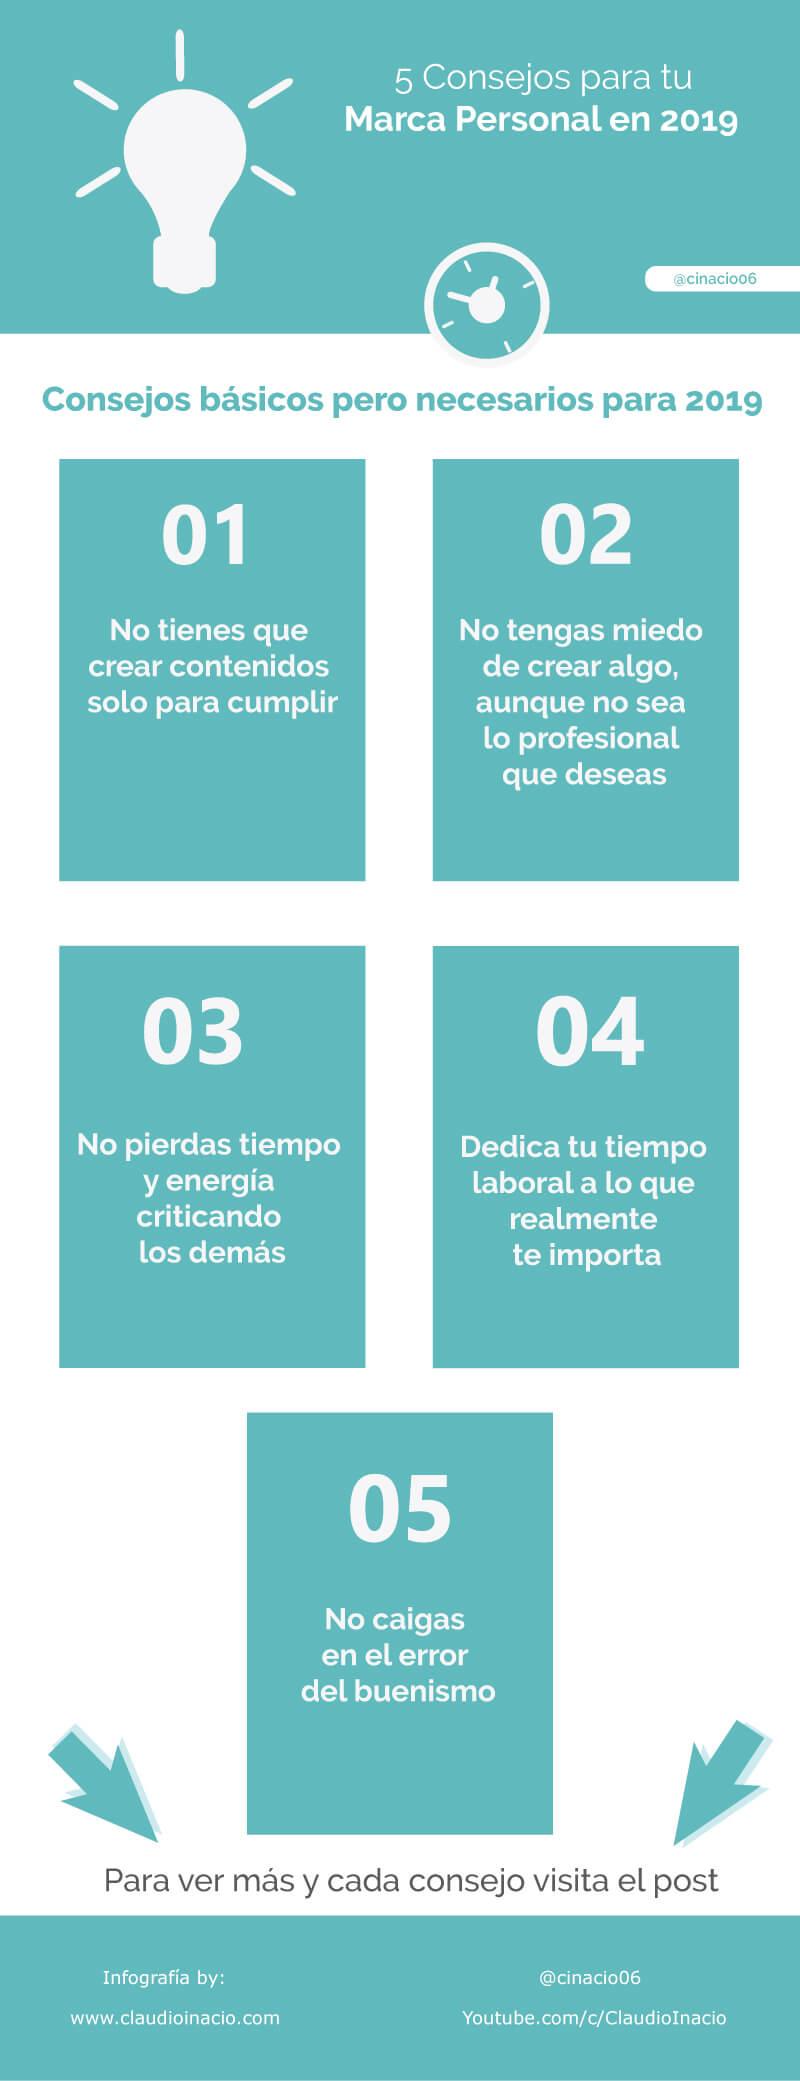 Infografia con 5 consejos Marca Personal en 2019 reales y valiosos